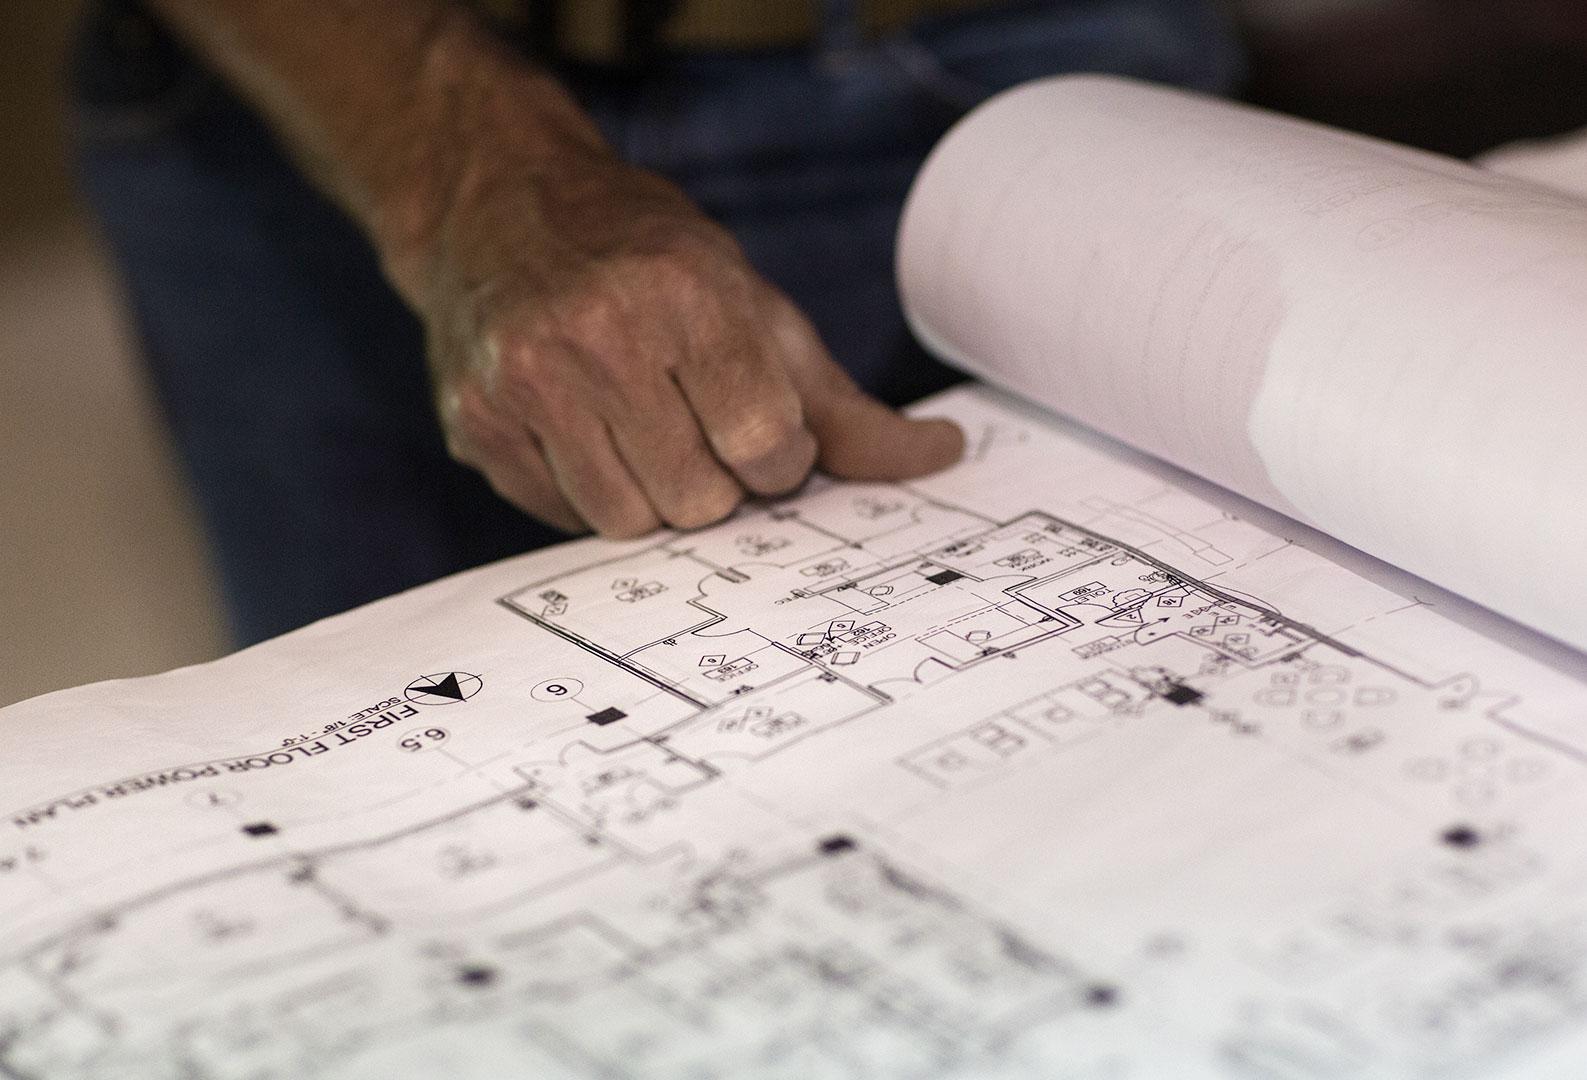 Hand on building blueprint sheet.